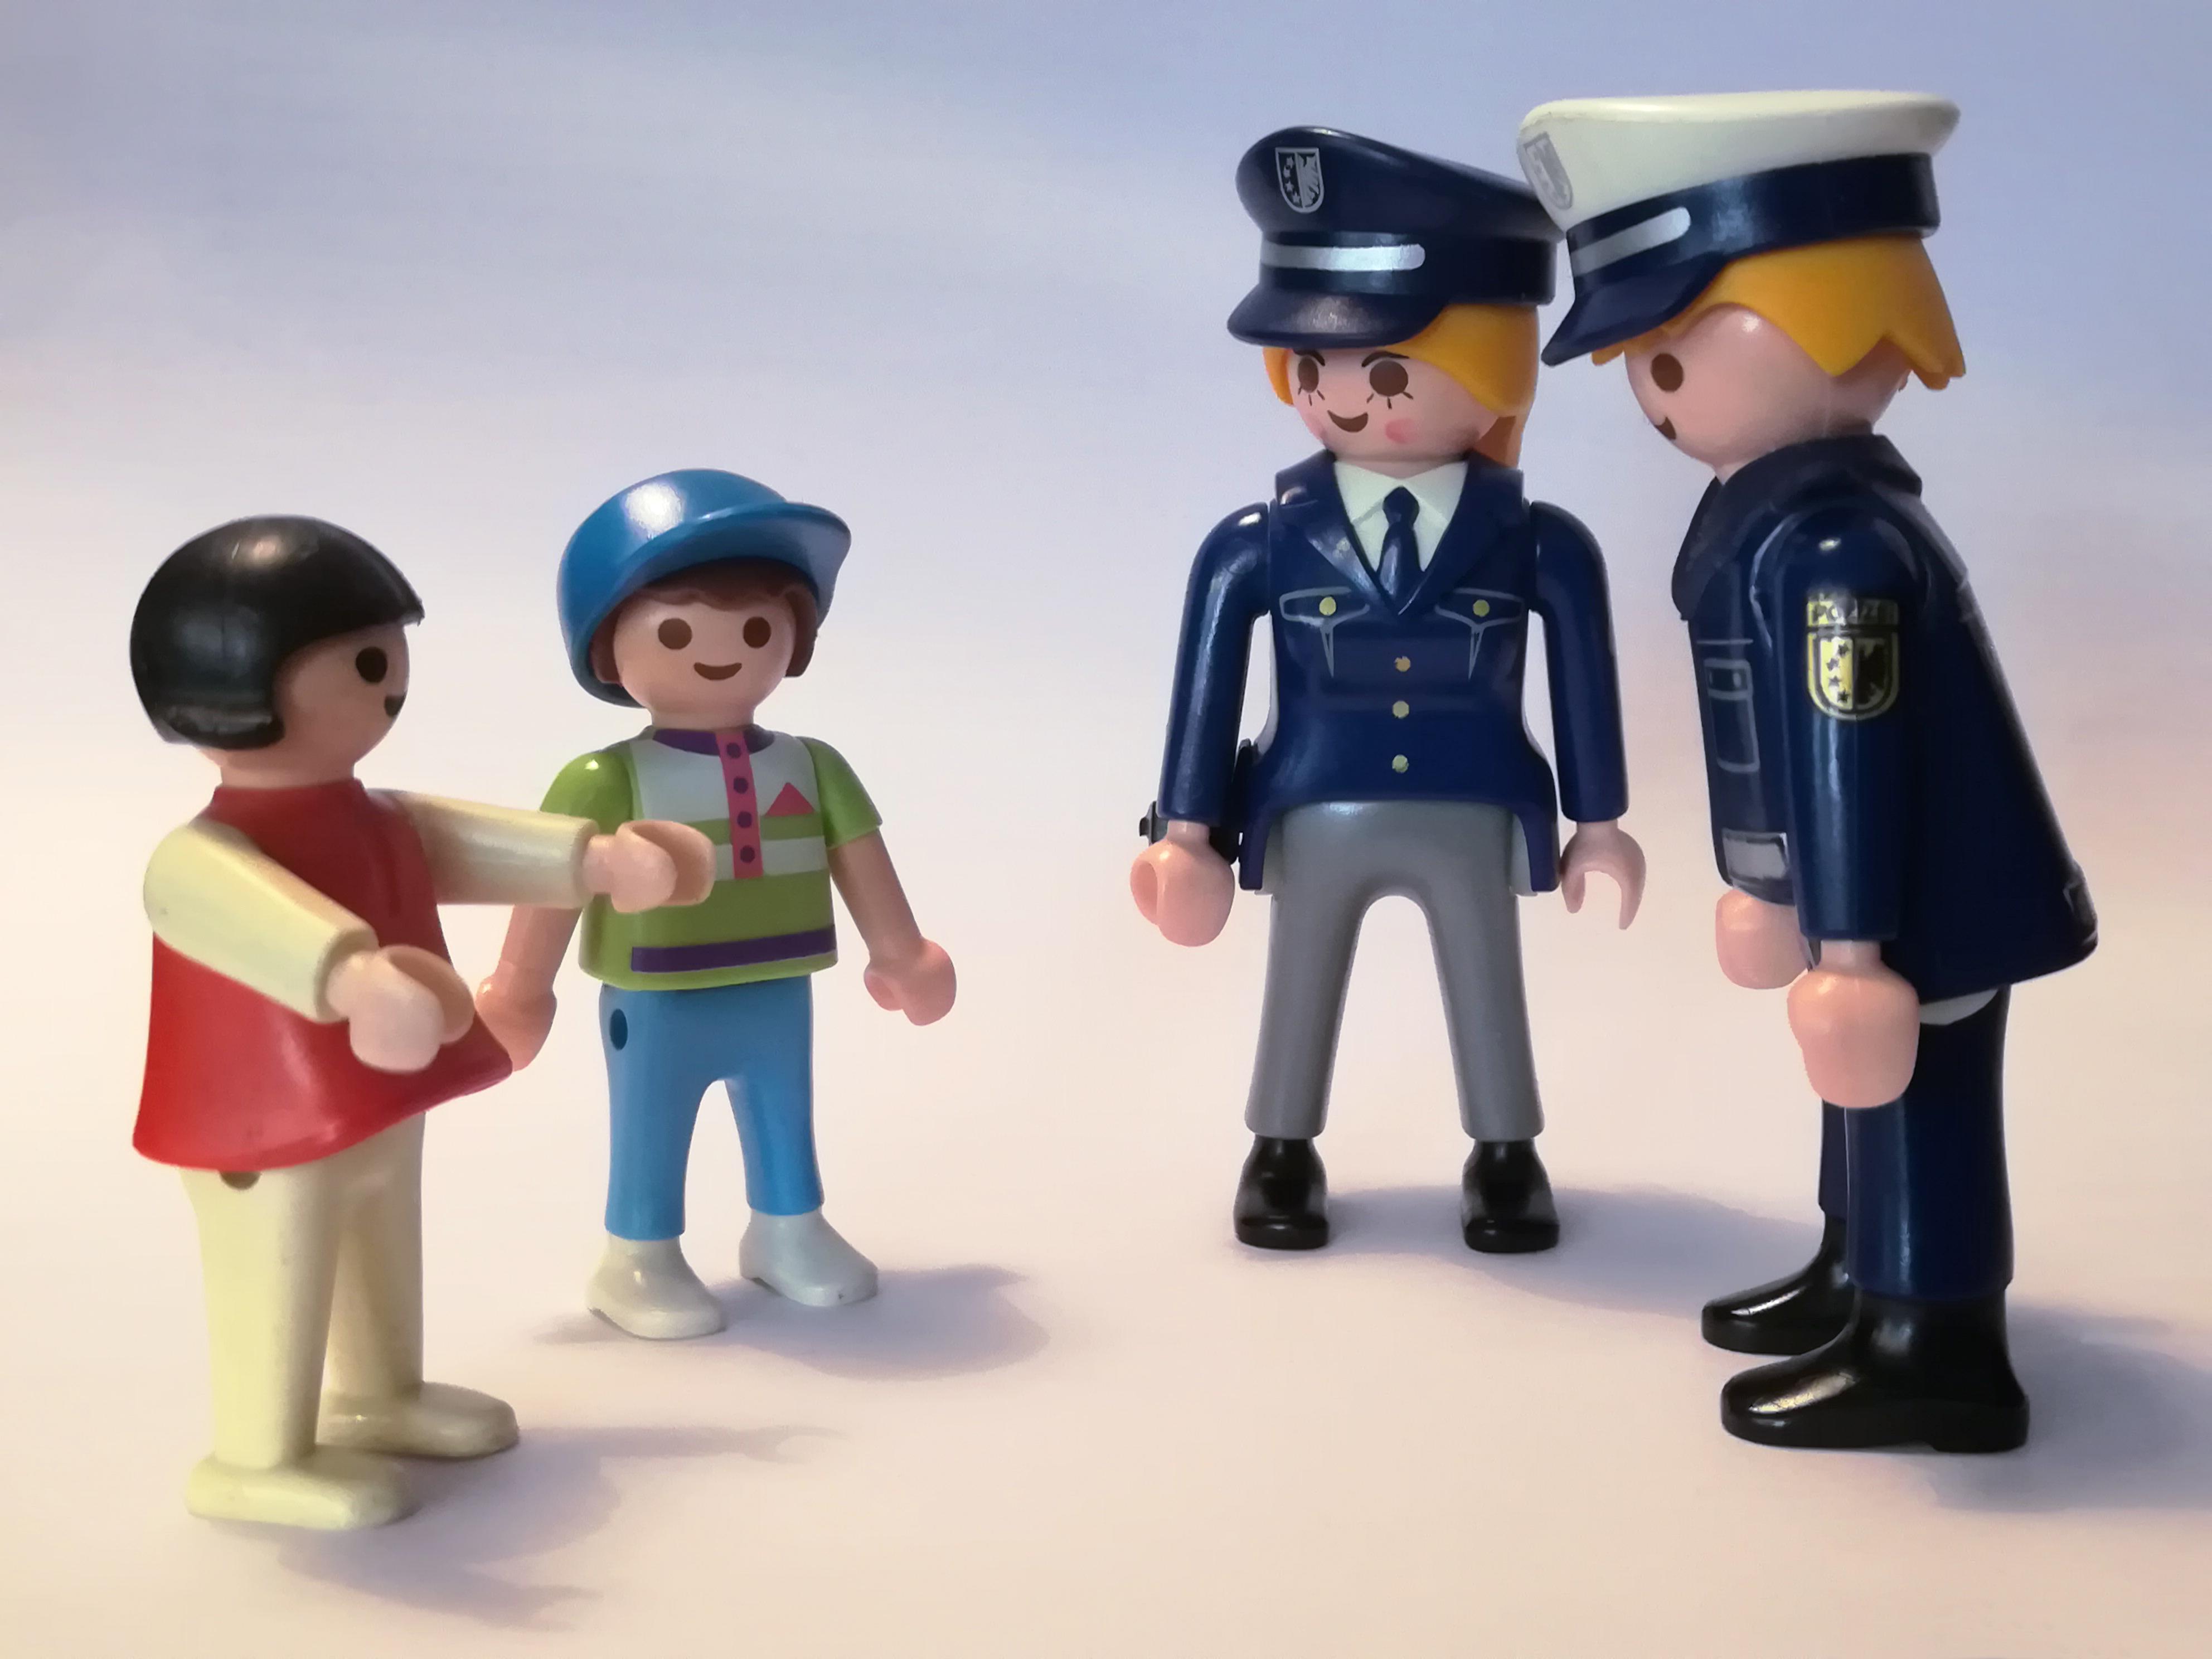 EinSatzInterventionen im Rahmen des Gewaltschutzgesetzes unter besonderer Berücksichtigung von Kindern und Jugendliche